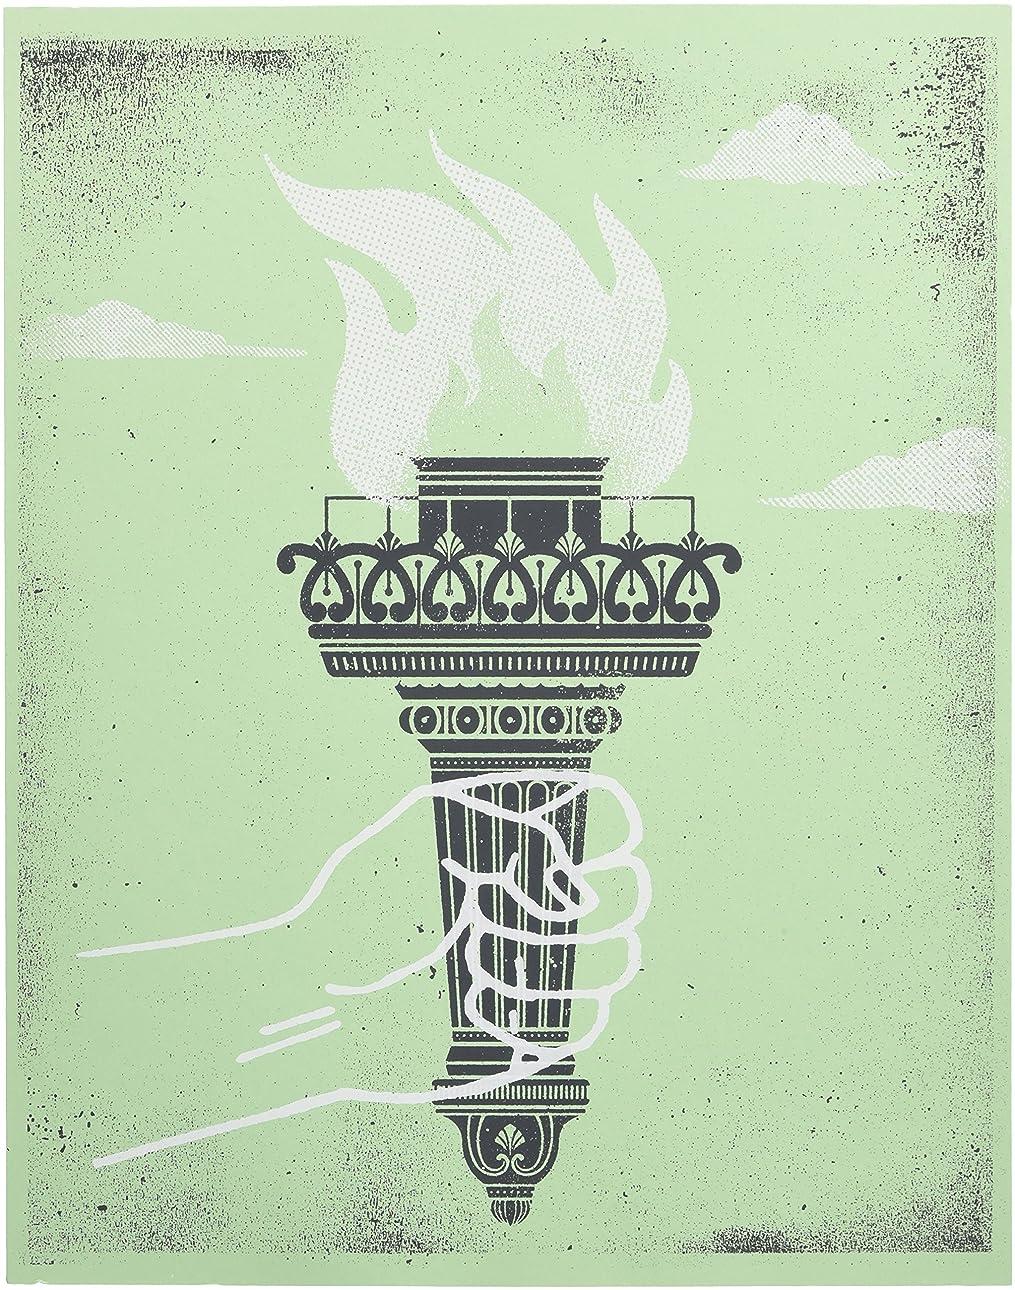 ショートパッチ乳白色アメリカ ブルックリン発 TWO ARMS (トゥーアームズ) おしゃれ インテリア アートプリントポスター シルクスクリーン Mサイズ Liberty Torch ????????